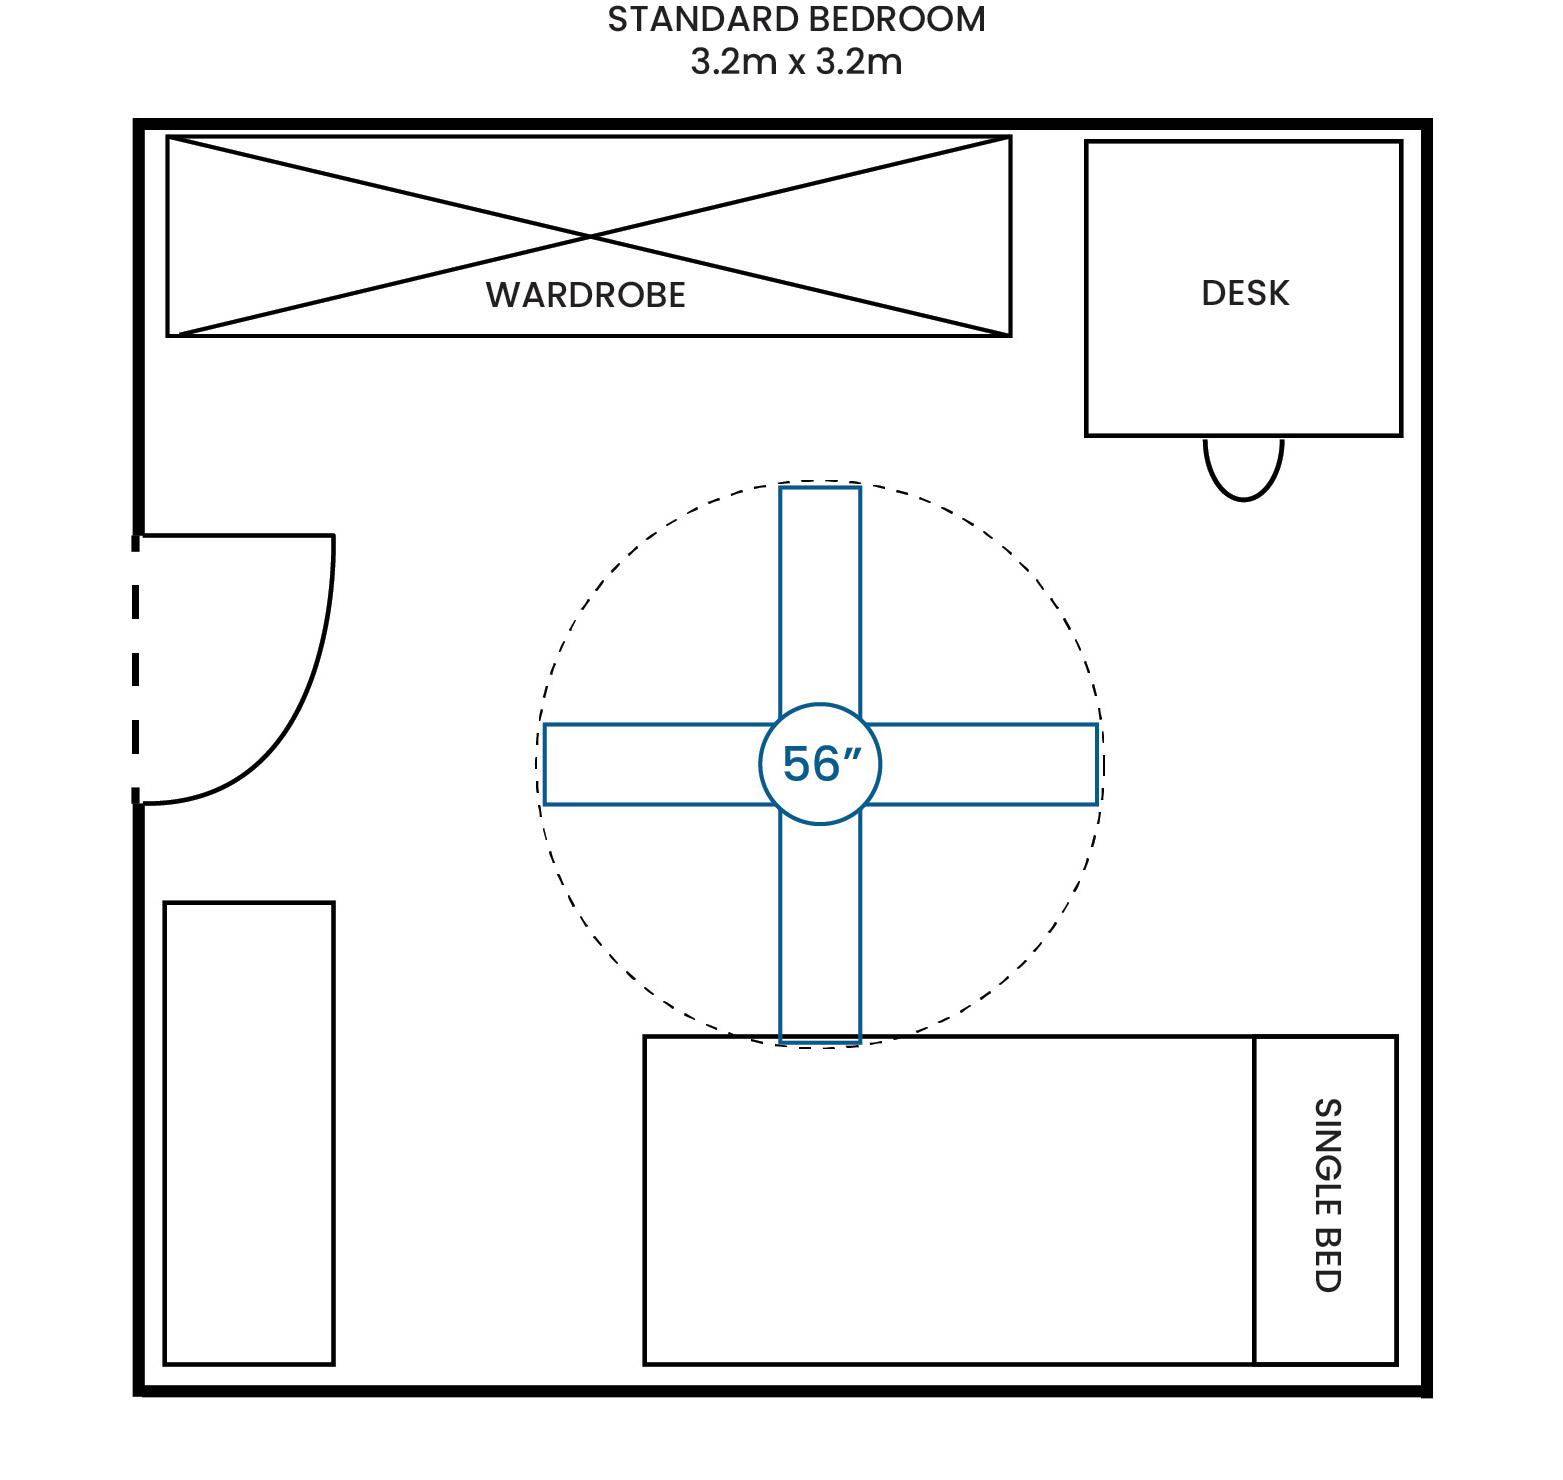 Standard Bedroom 320 320 56F